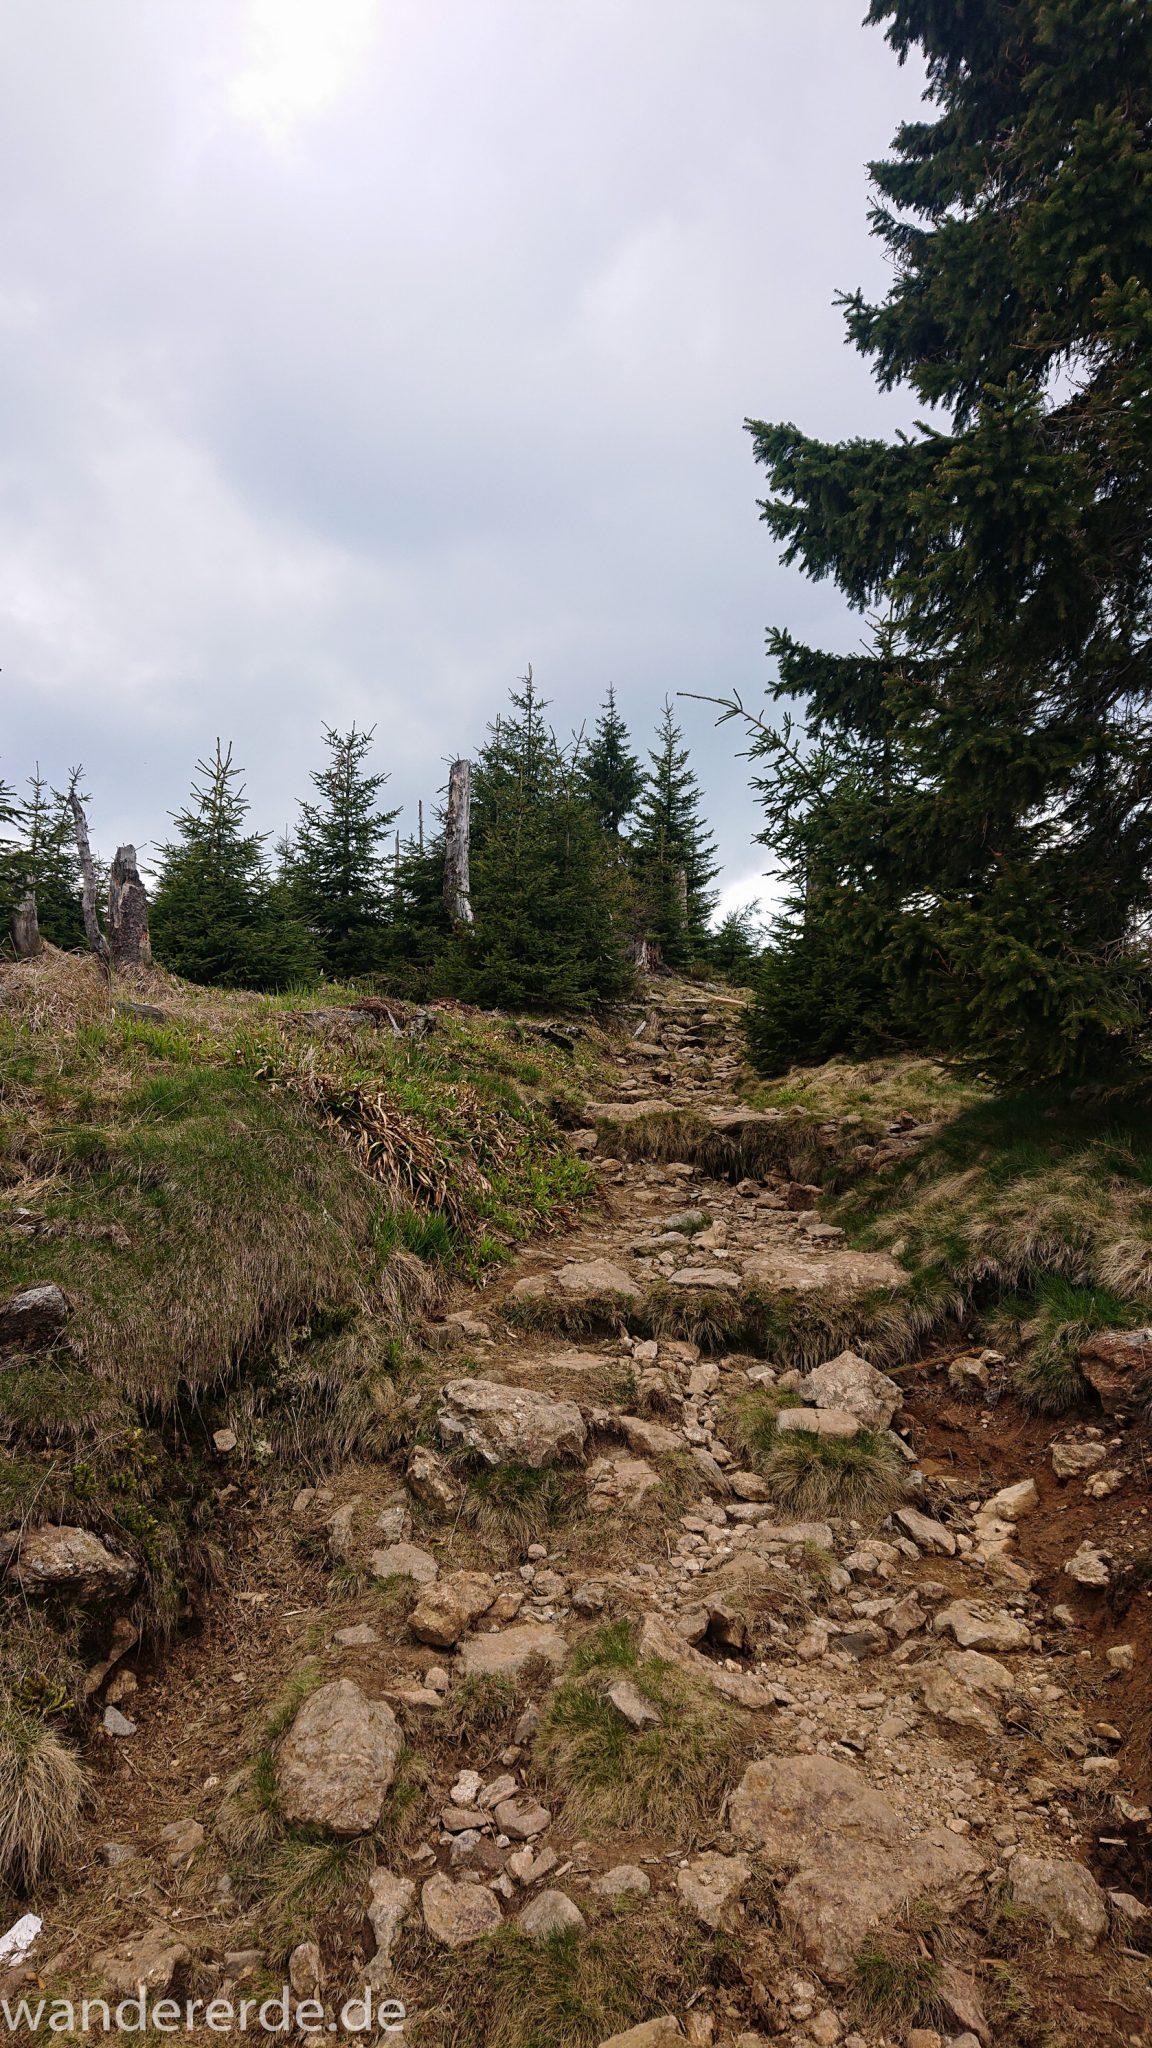 Wanderung Großer Rachel im Nationalpark Bayerischer Wald, Start Parkplatz Oberfrauenau, abwechslungsreicher Wanderweg, auf schmalem Pfad über Stock und Stein, letzter Abschnitt auf den Großen Rachel vom Waldschmidthaus sehr steil über große Steine